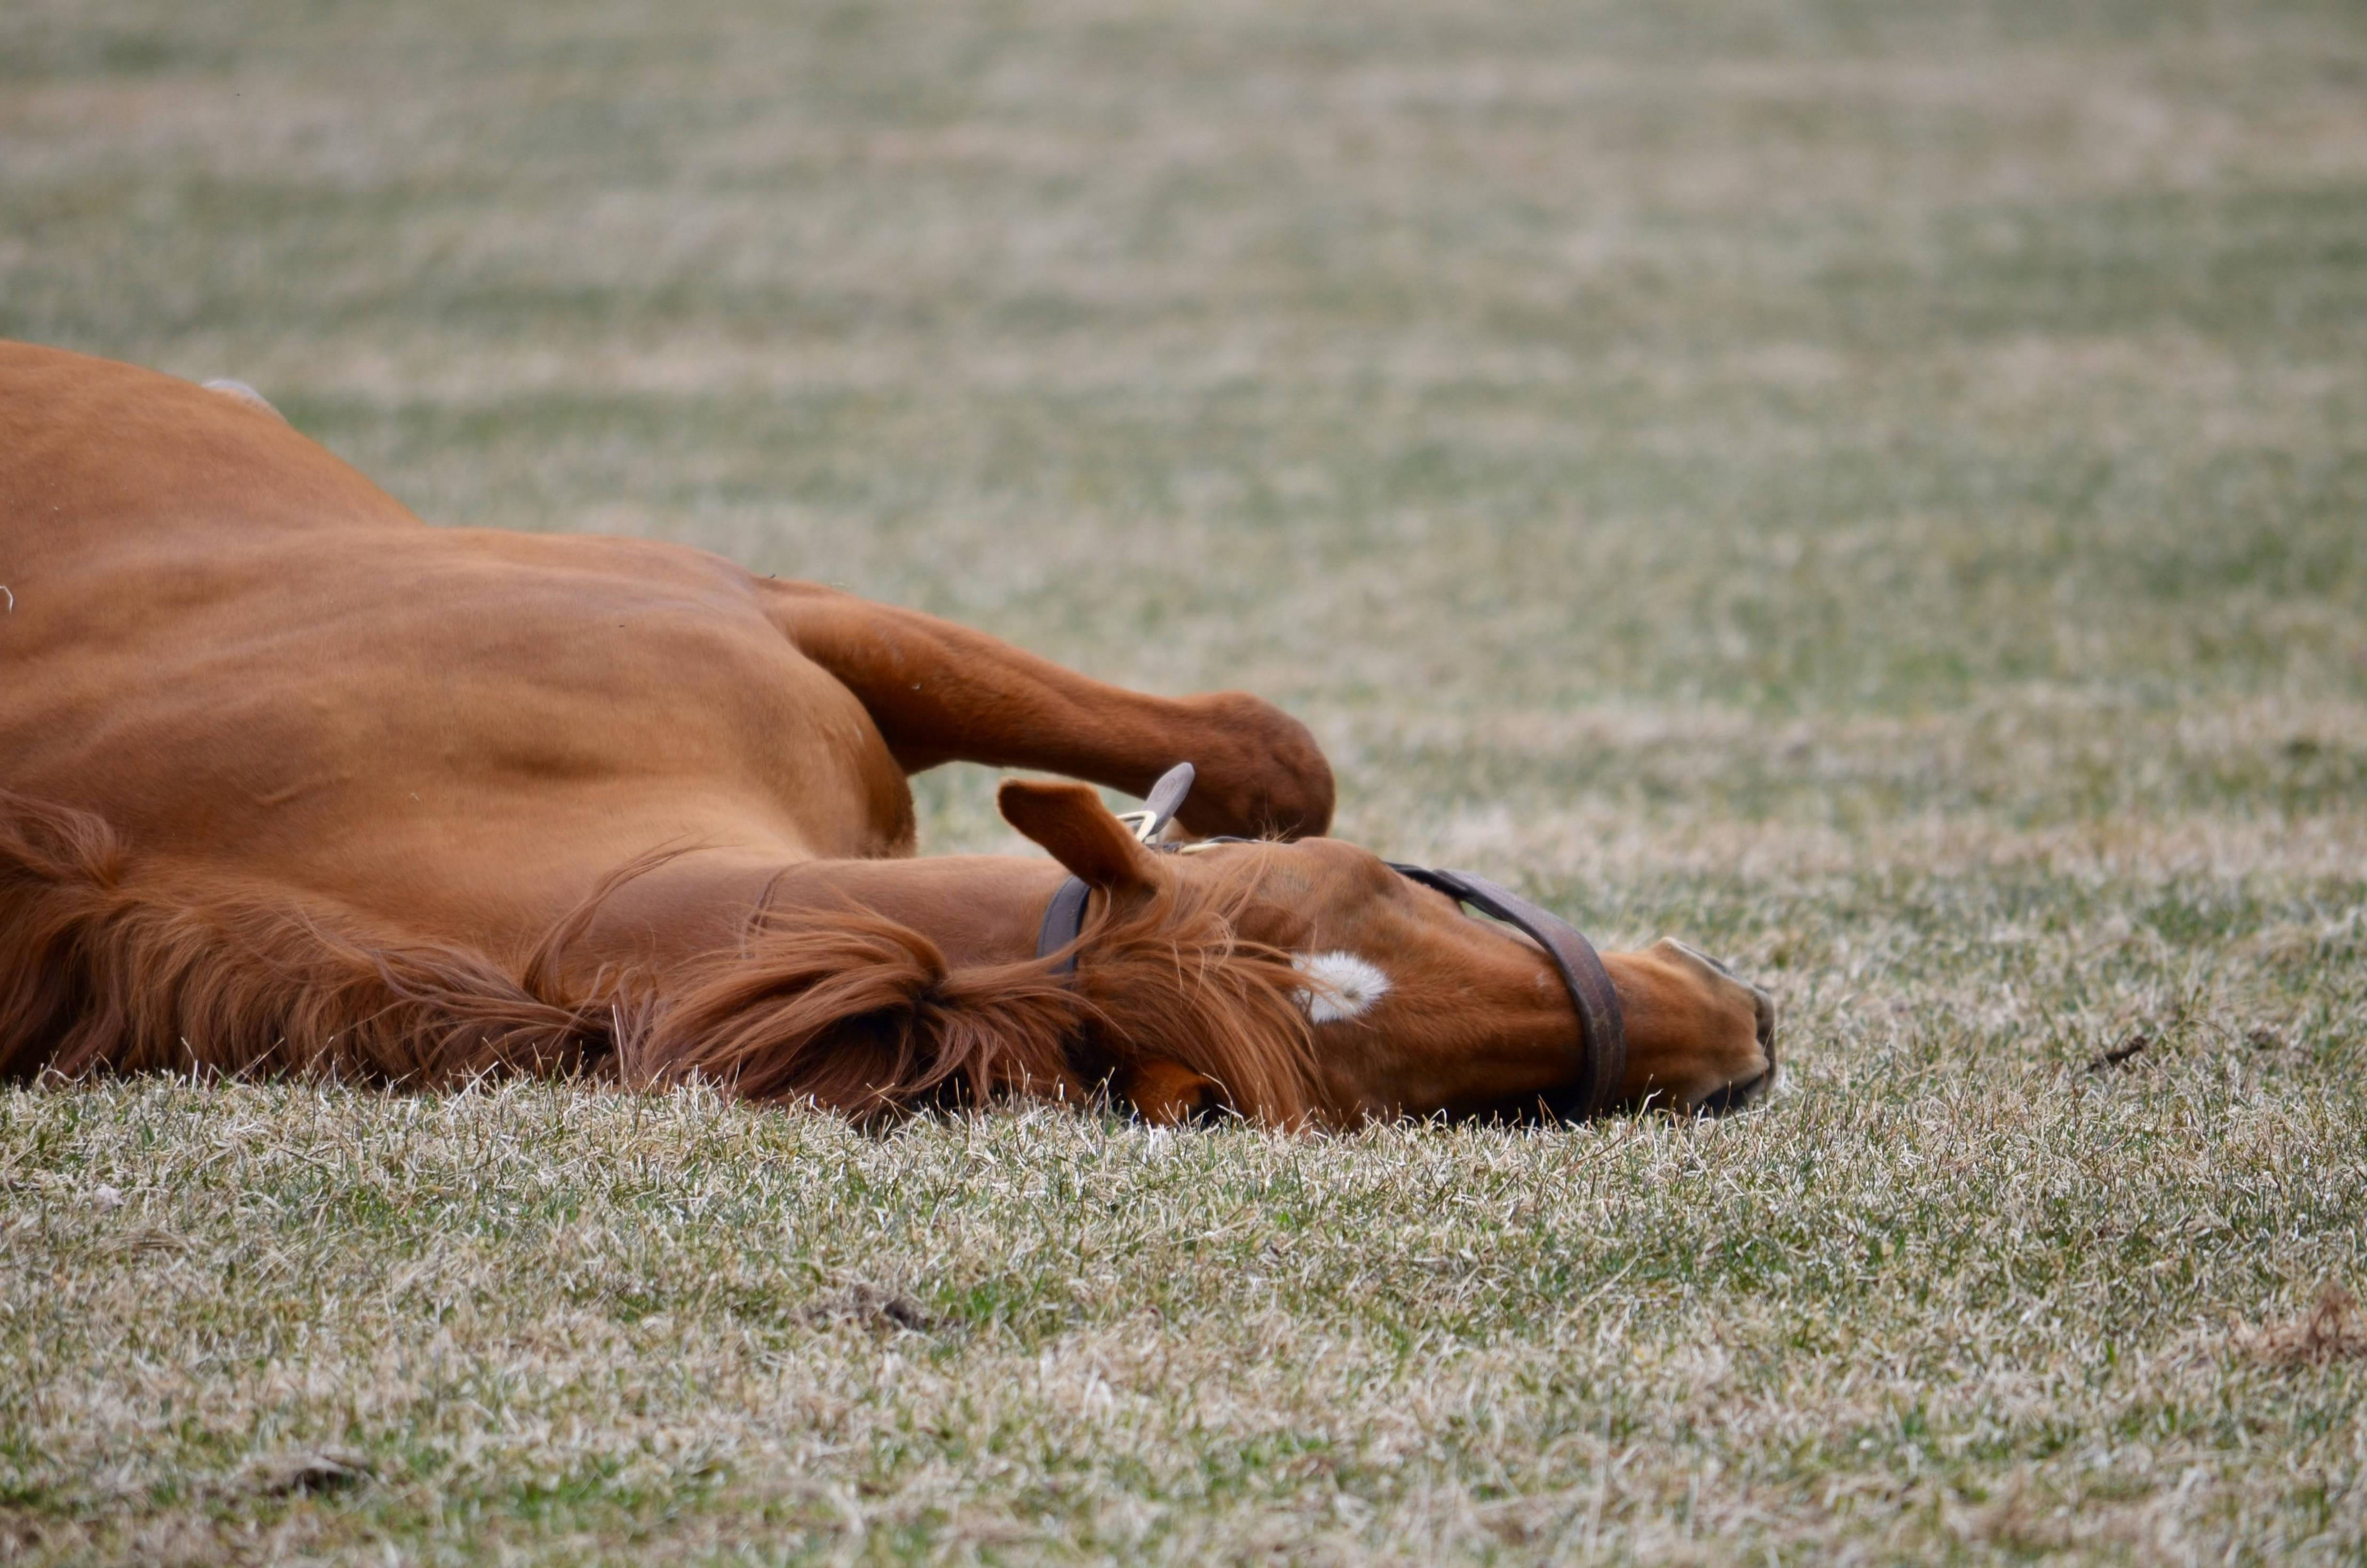 【朗報】グラスワンダー(24)が1歳馬達に人気だと話題に:ハロン棒ch -競馬まとめ